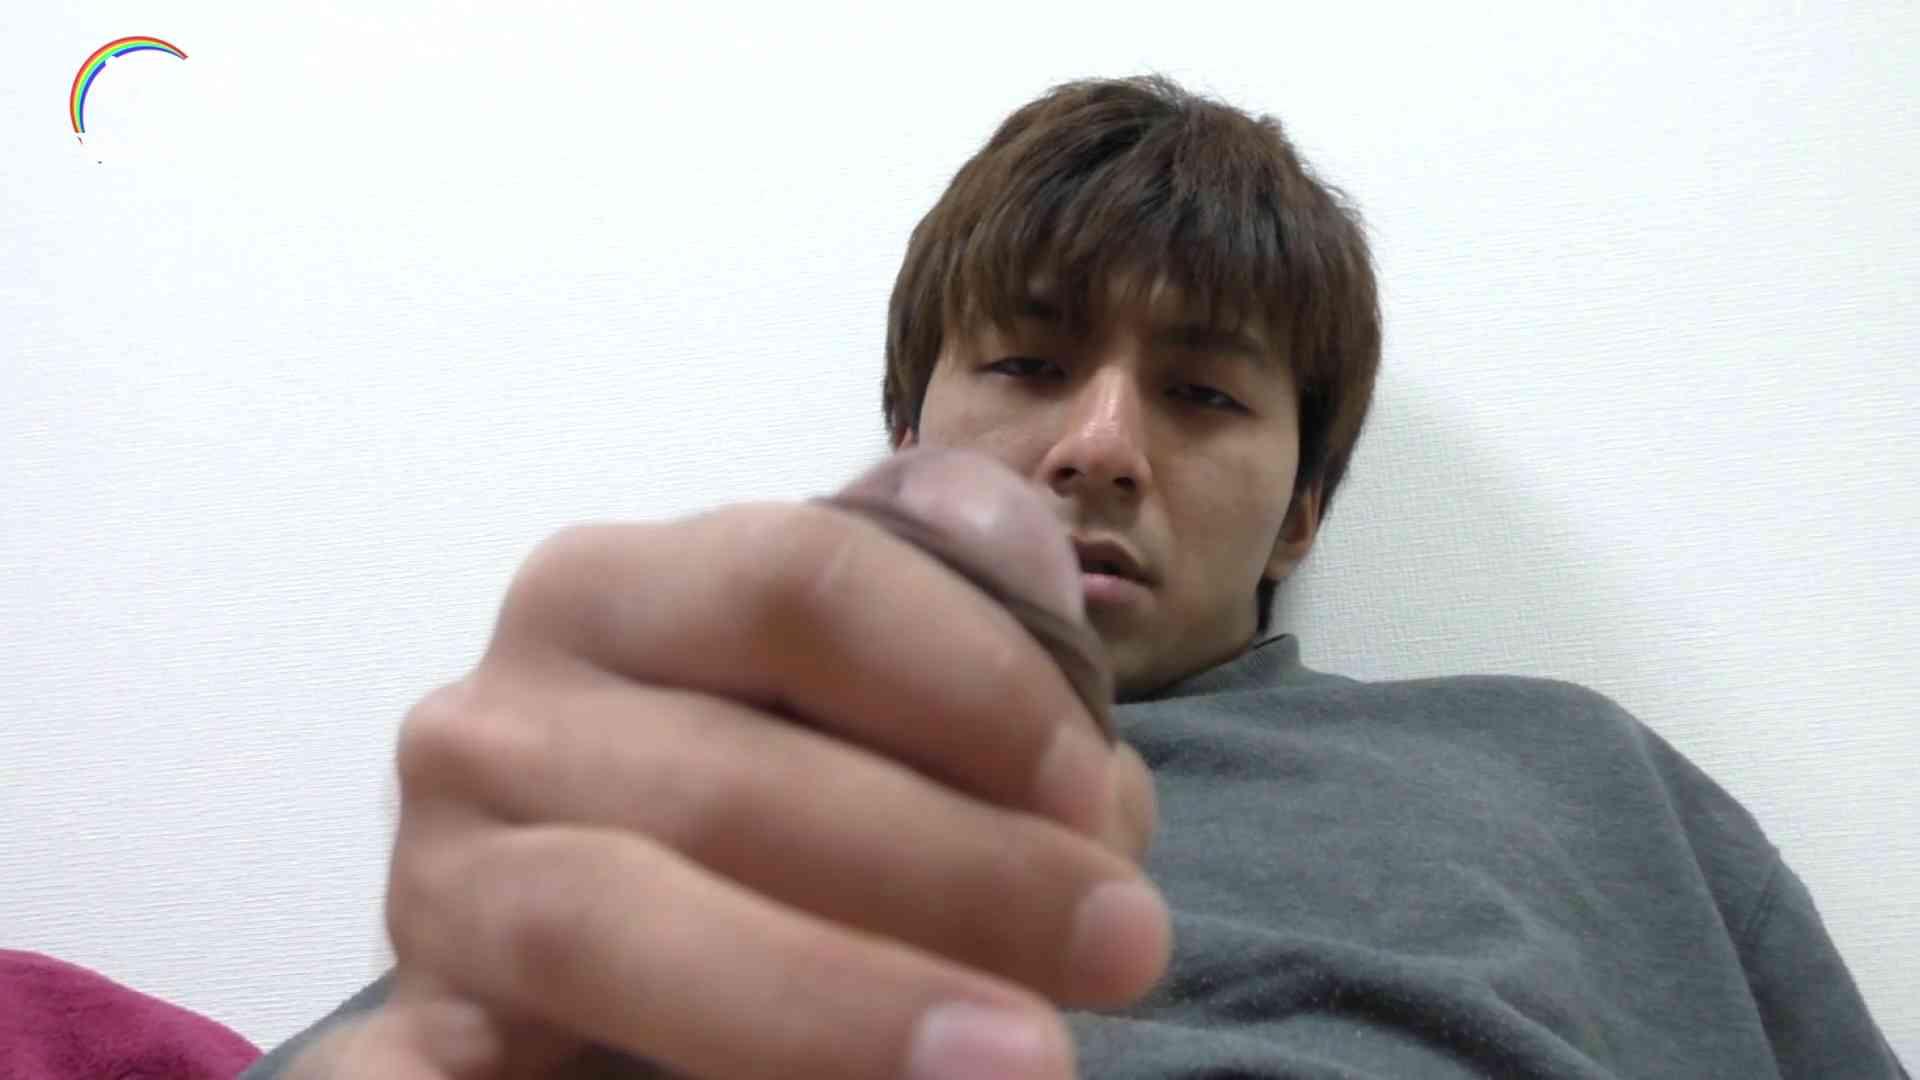 アナルは決して眠らない No.01 ゲイのオナニー映像 ゲイ精子画像 78枚 6